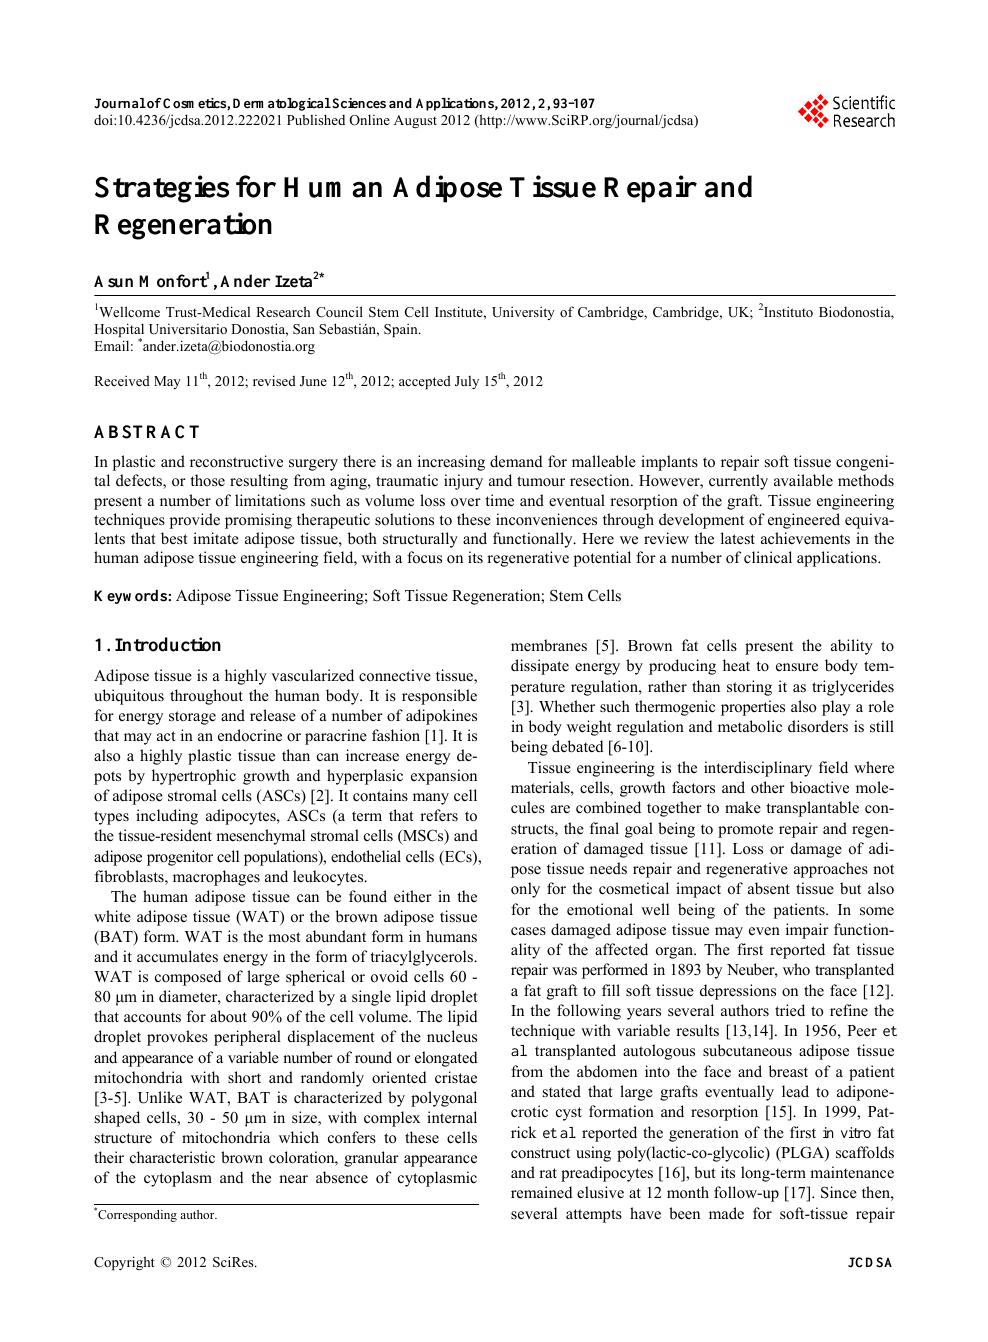 Strategies for Human Adipose Tissue Repair and Regeneration